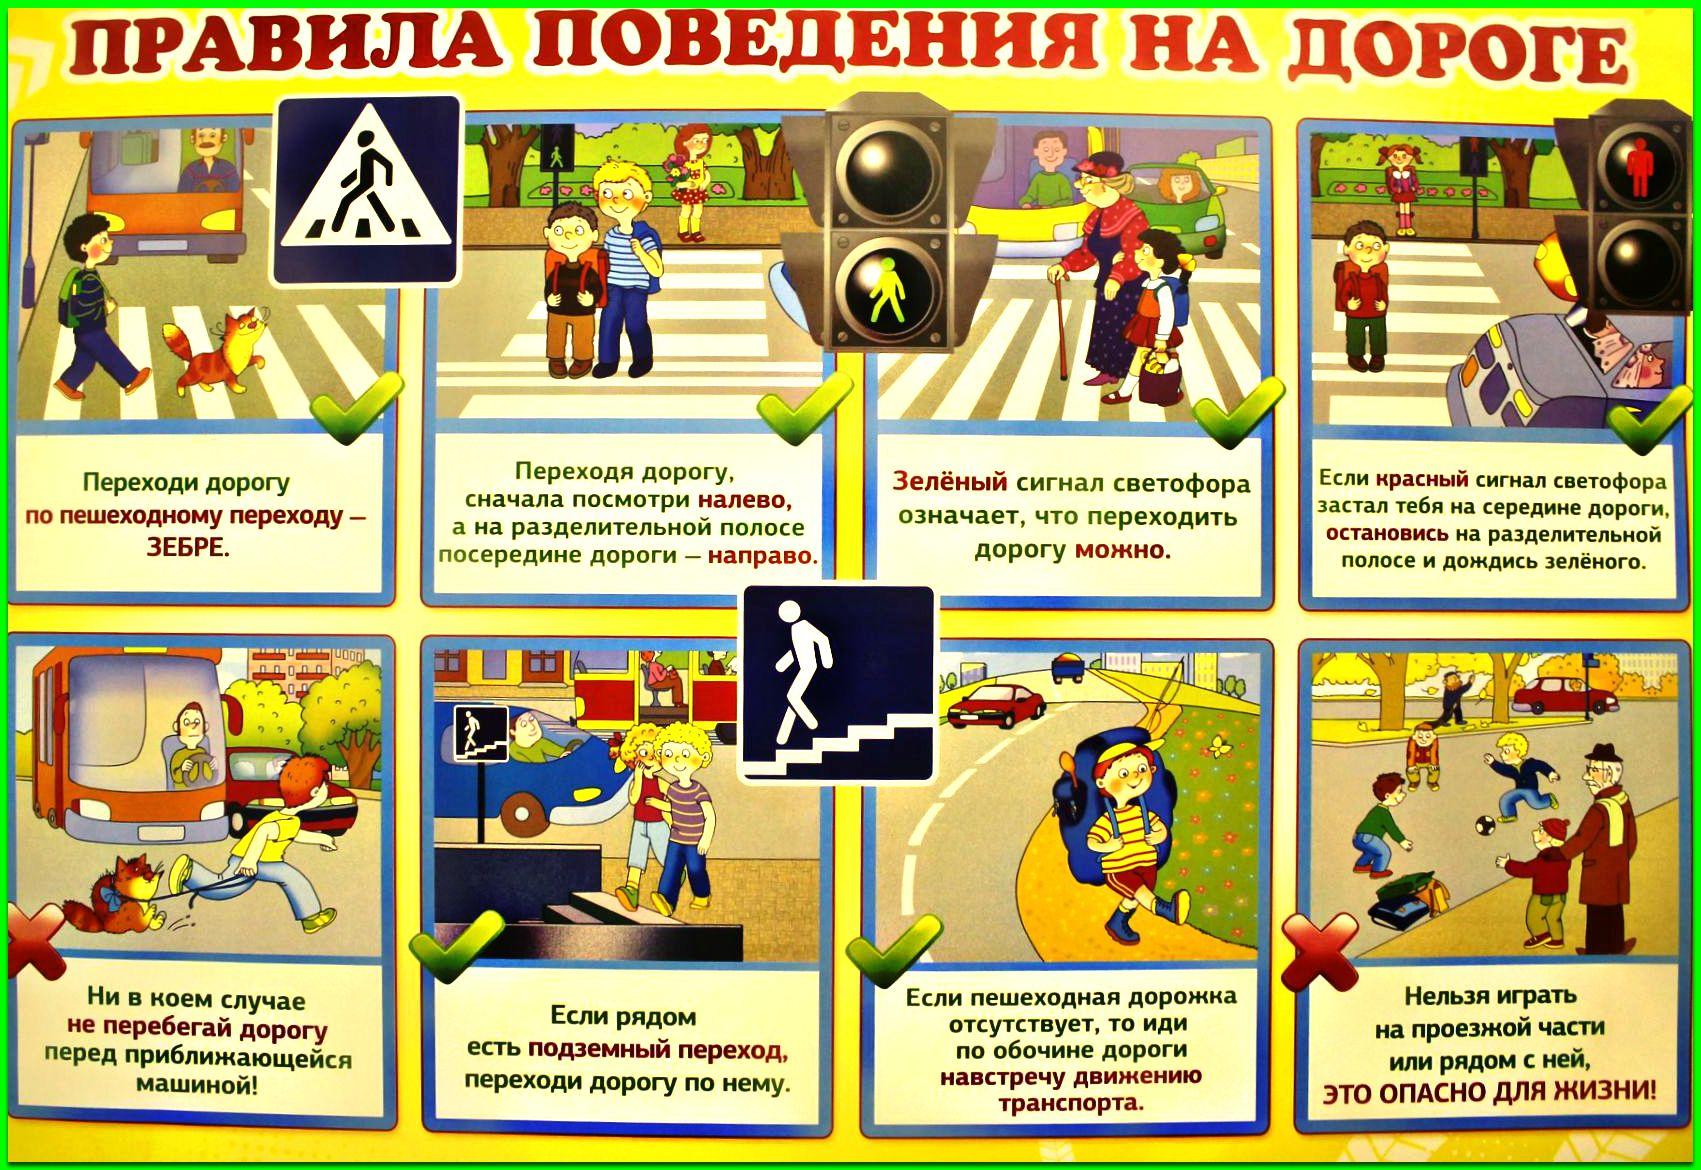 инструкция правила дорожного движения для детей